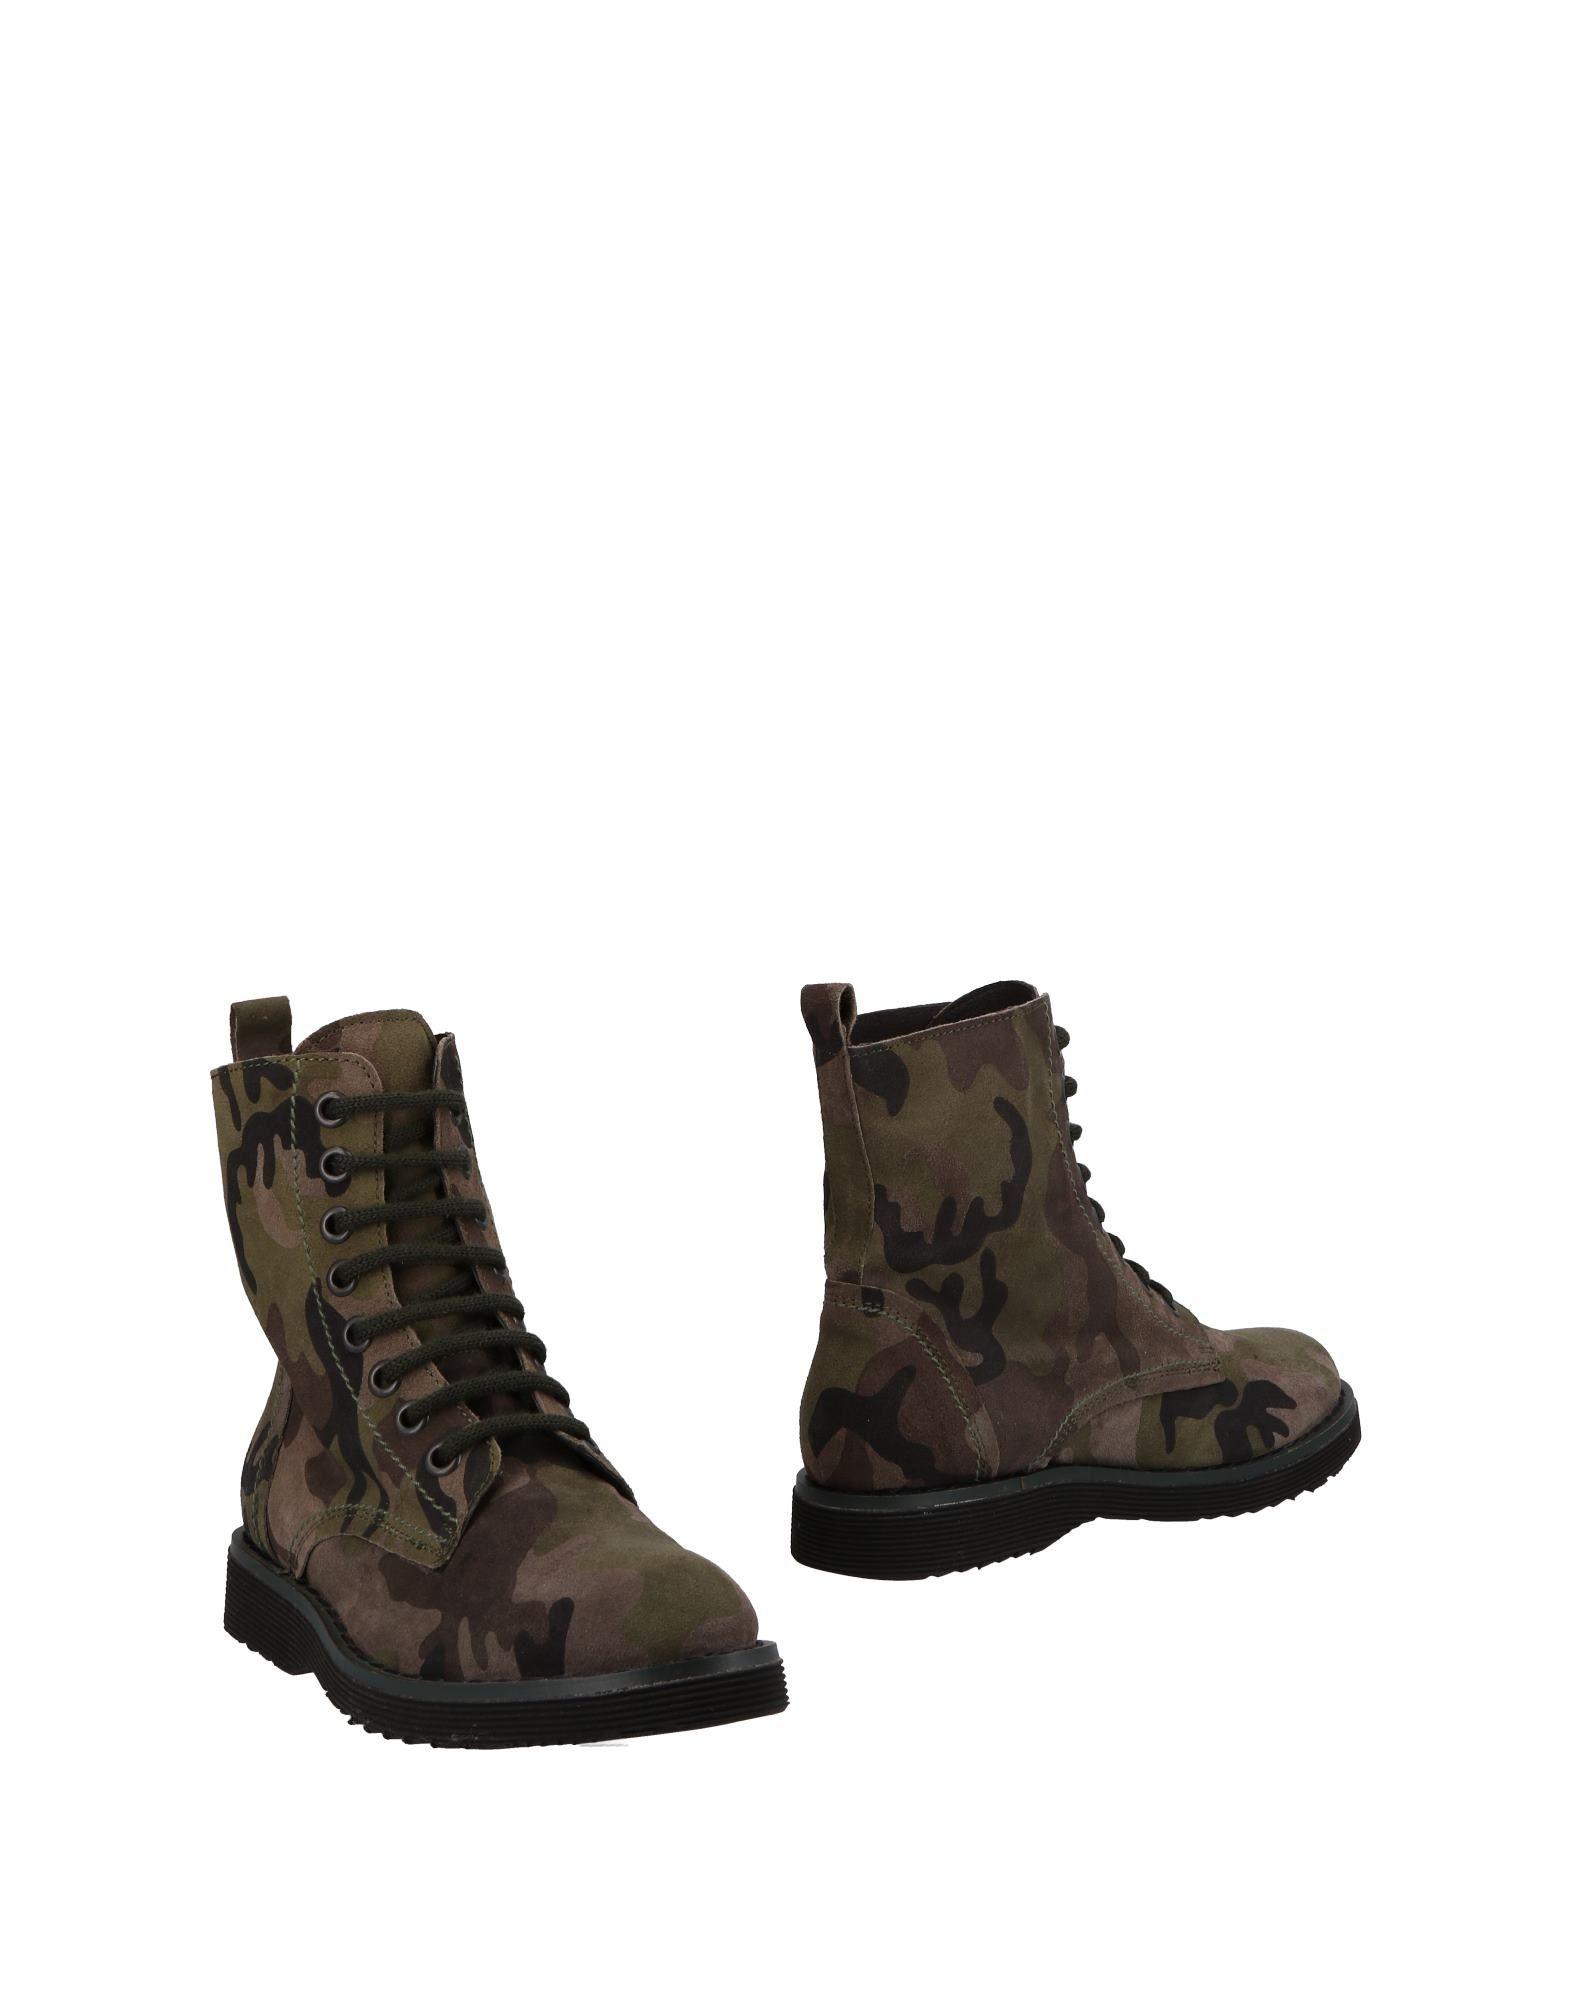 Hangar Stiefelette Damen  11481490QG Gute Qualität beliebte Schuhe